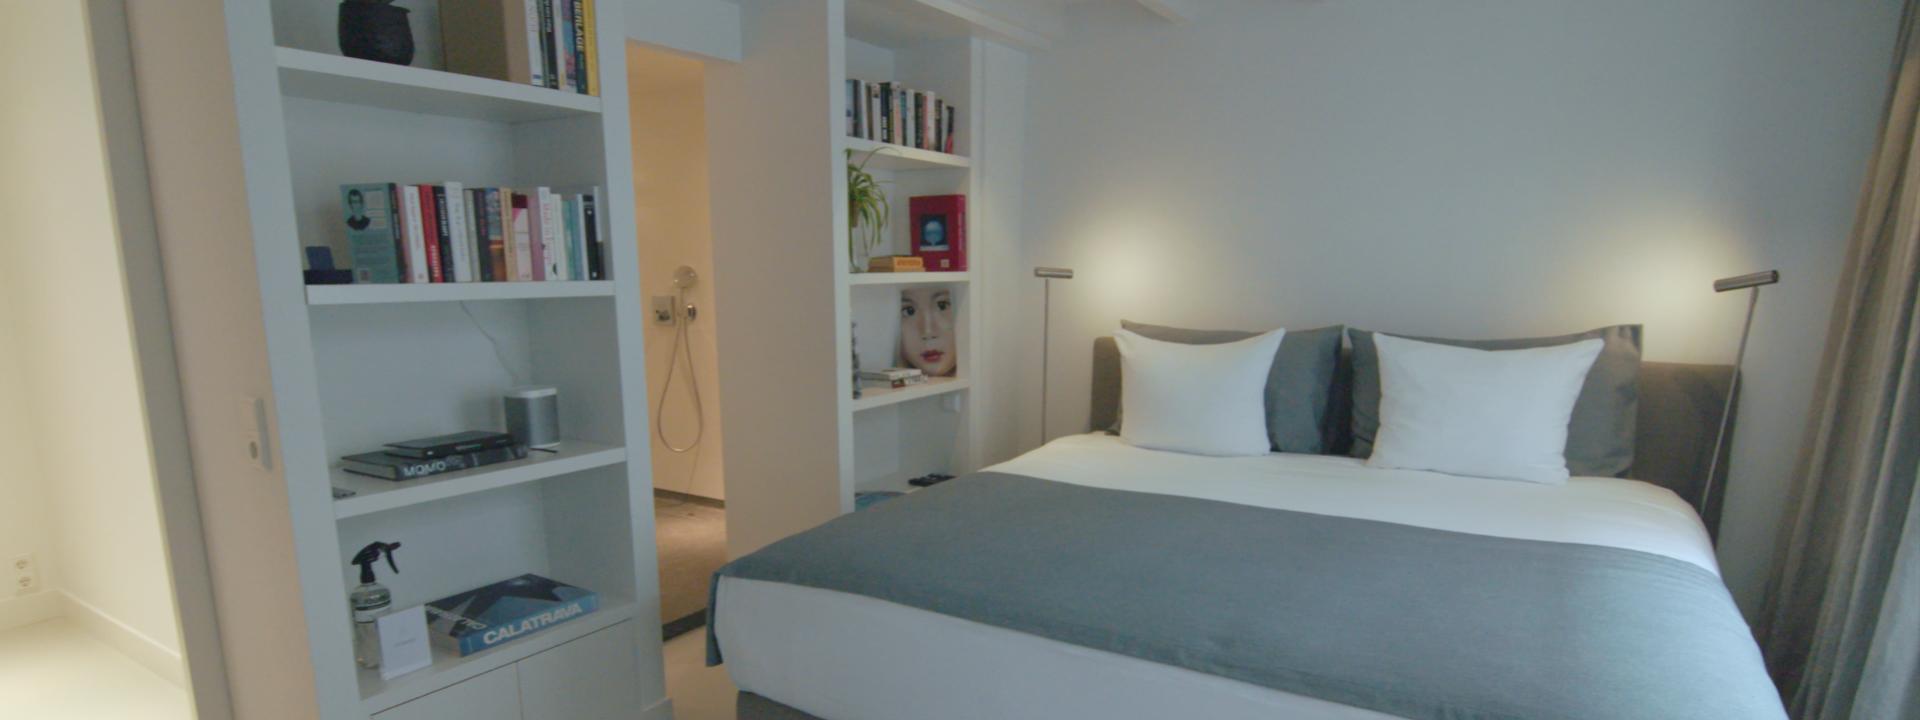 Inspiratiesessie: 'de hotelkamer van de toekomst'